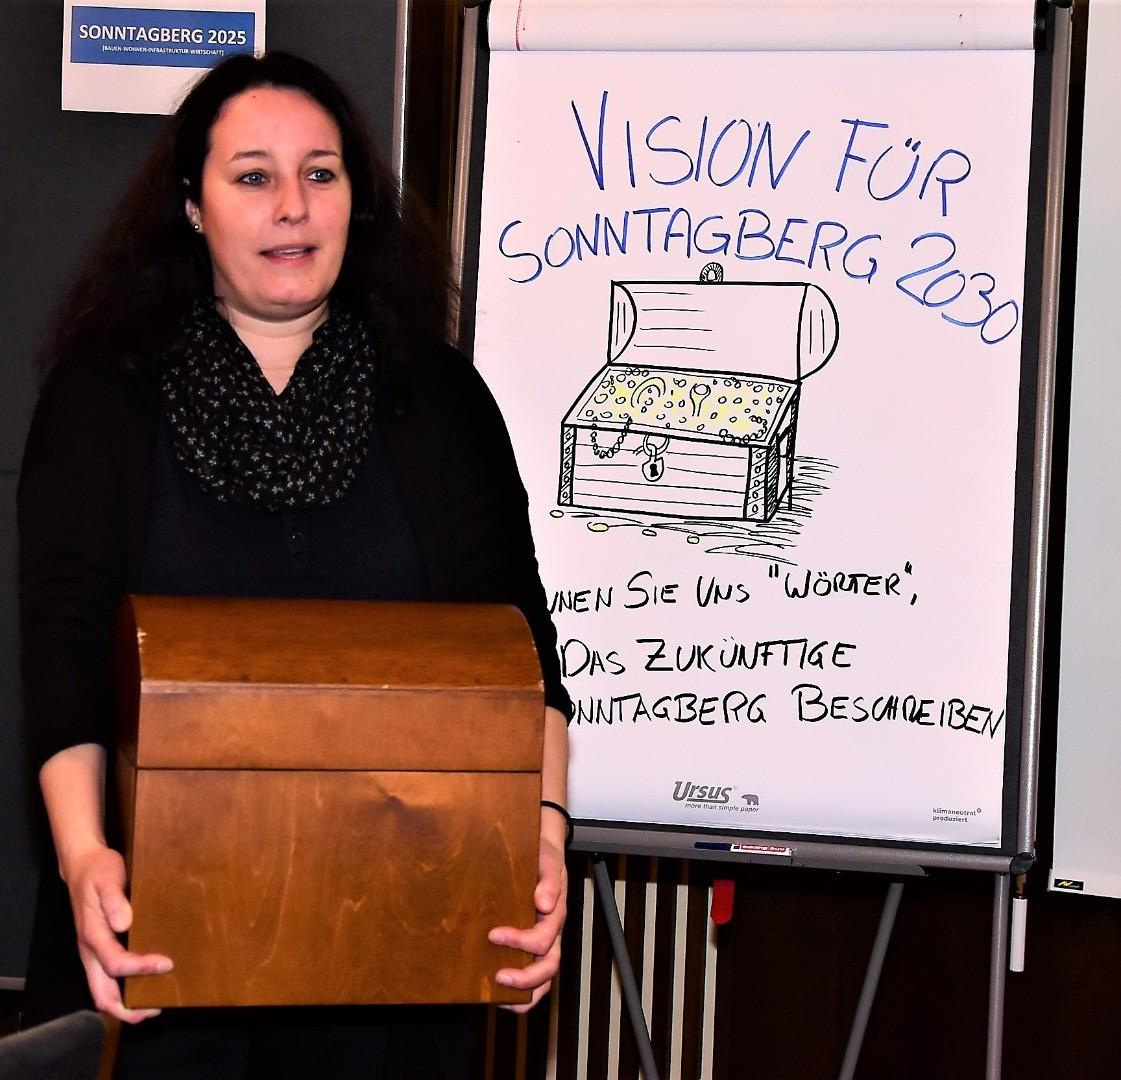 Arbeitskreissitzung - Visionen für Sonntagberg 2030.jpg